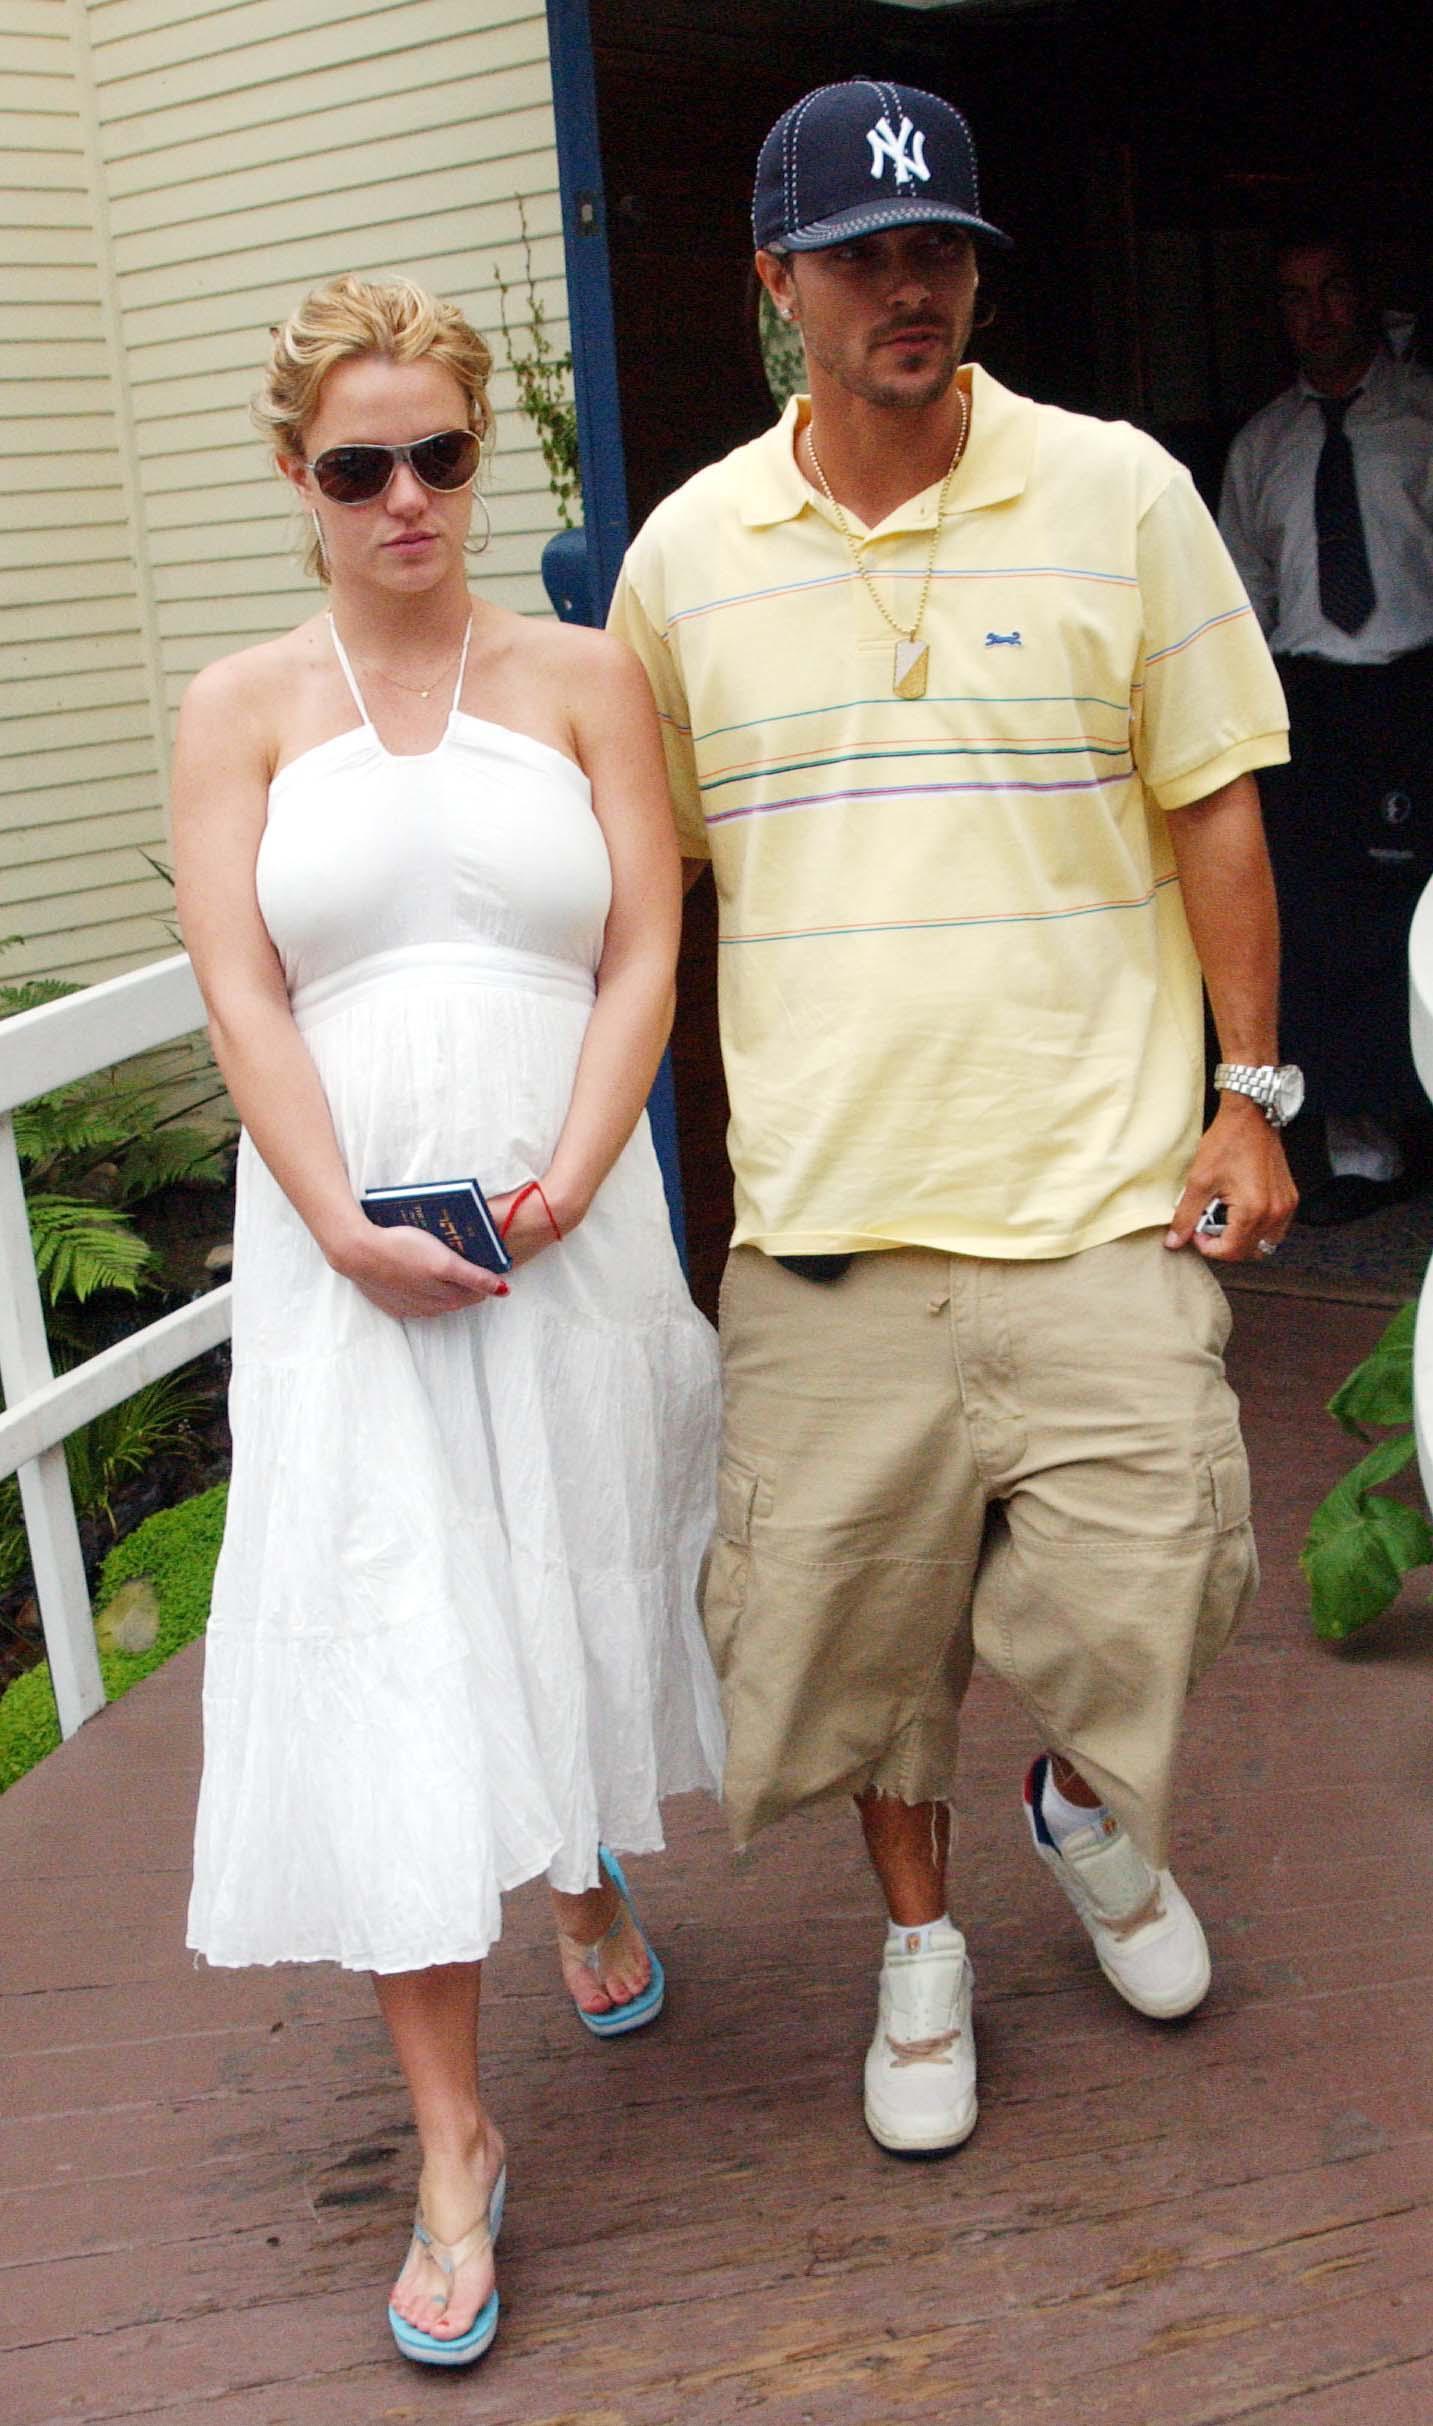 Kim spears wedding